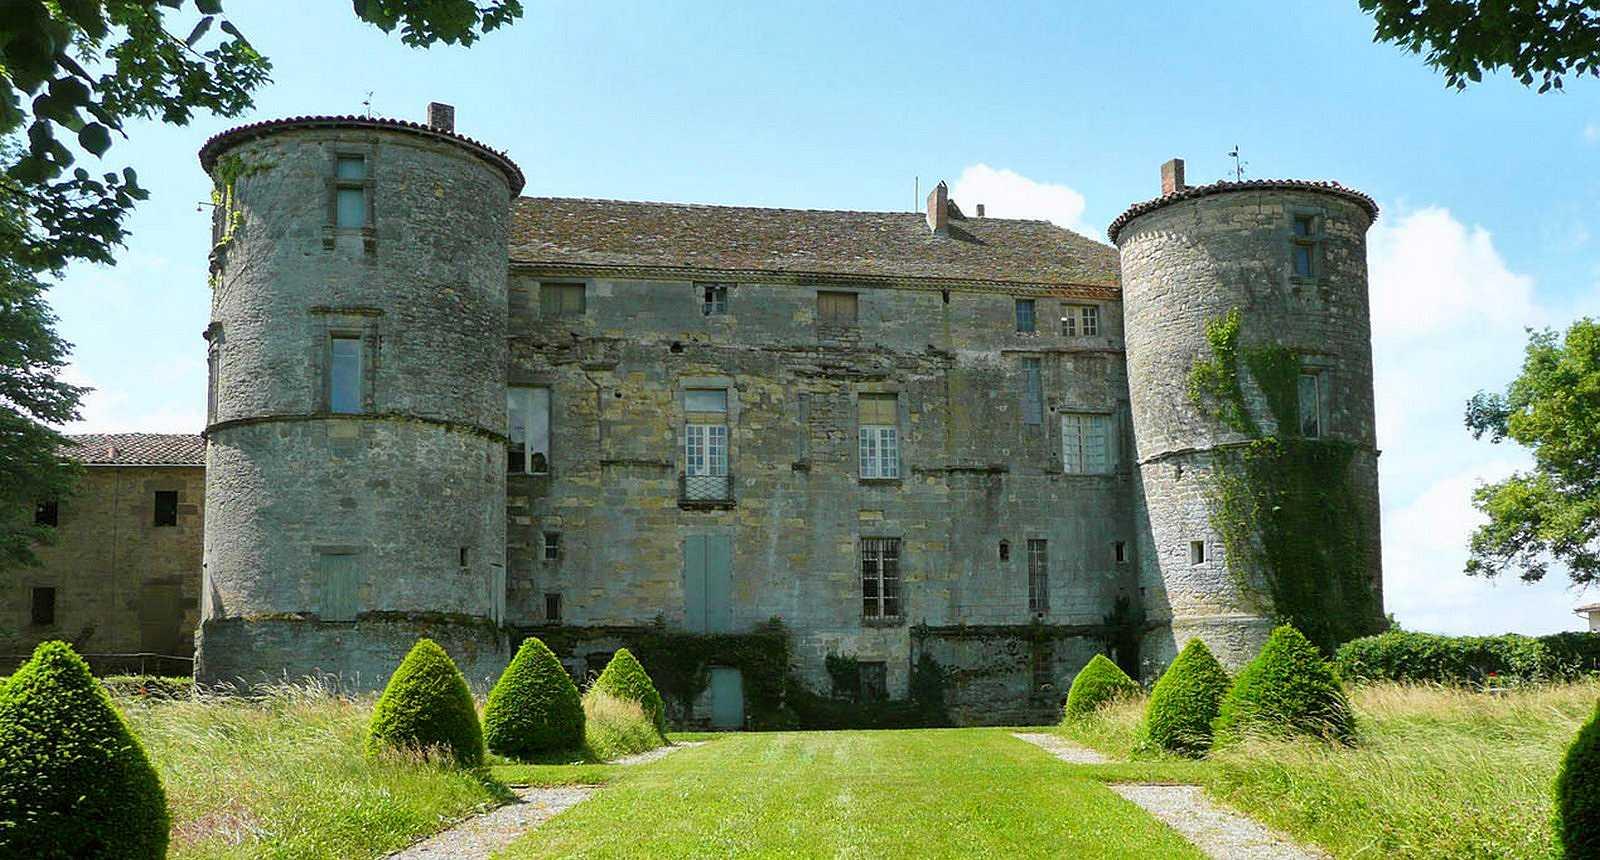 Ch teaux forts manoirs vestiges ruines haute for Haute garonne